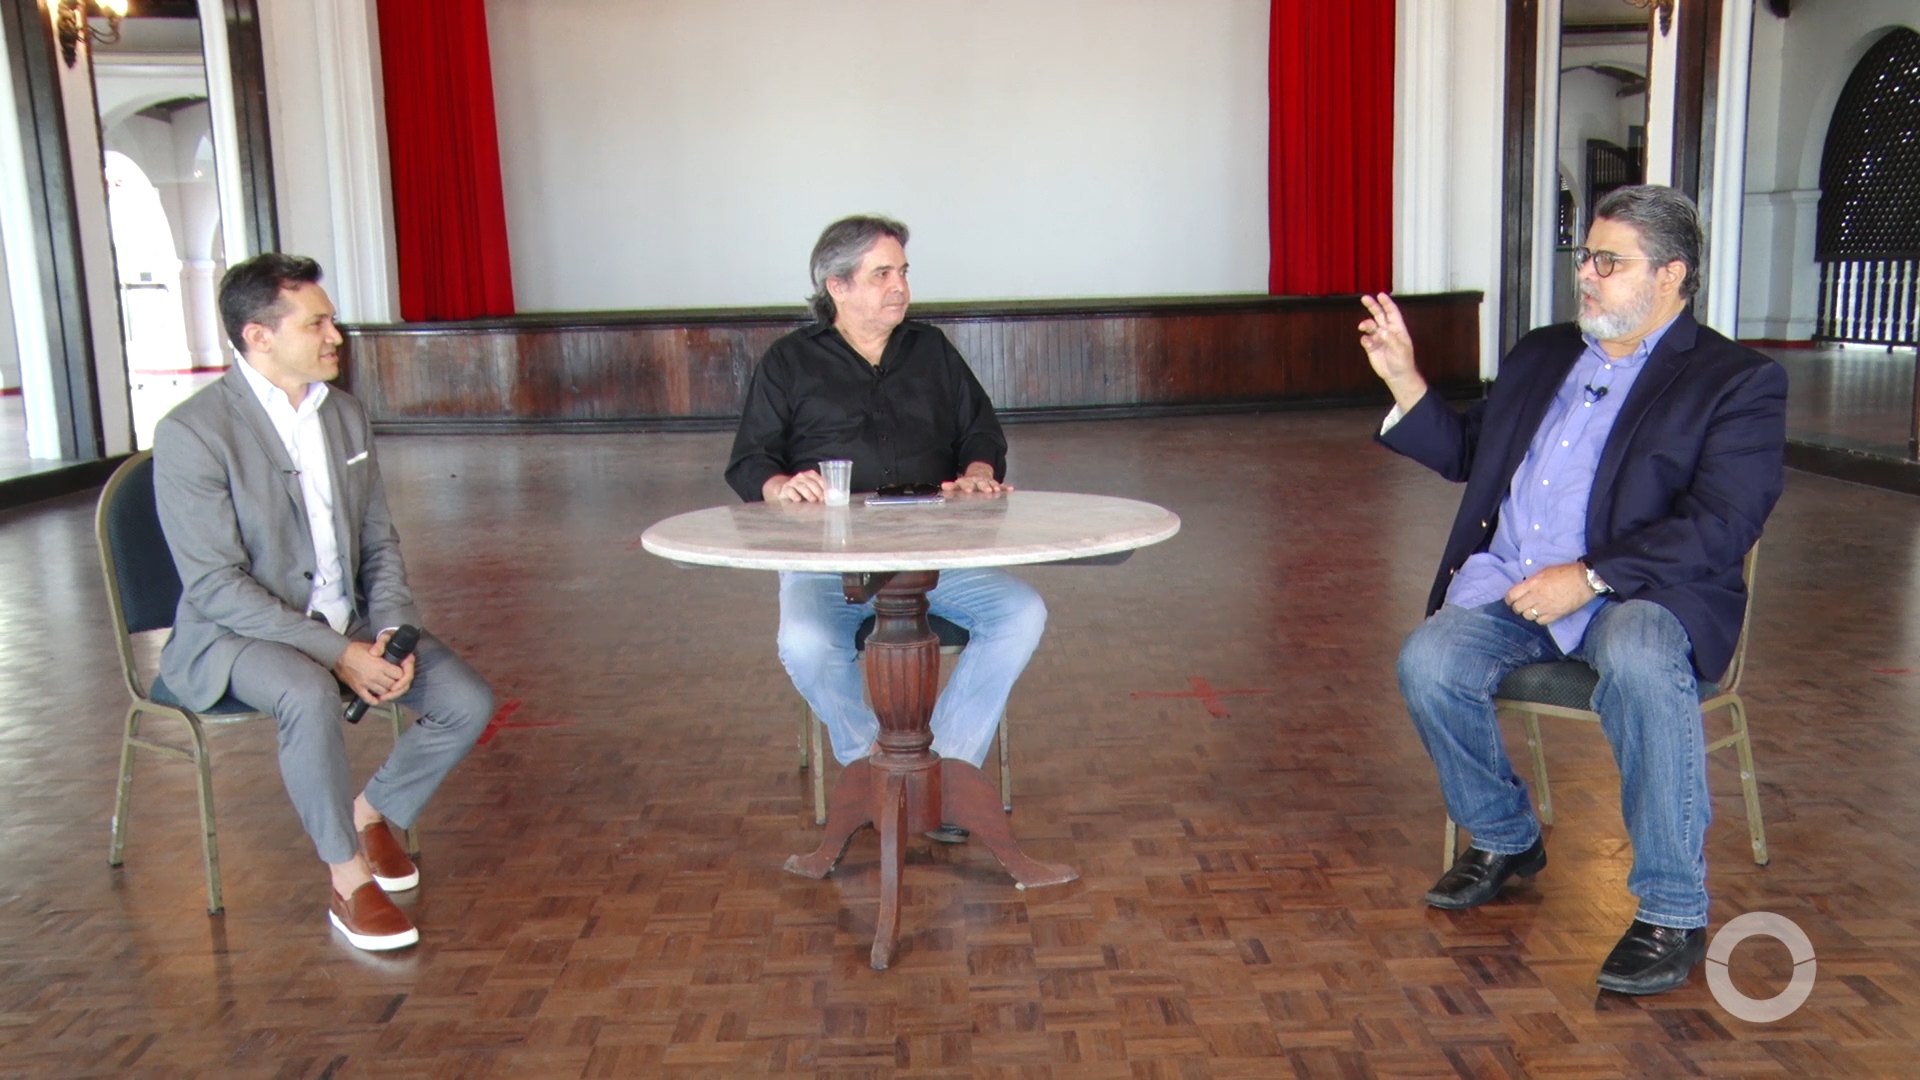 Mosaico entrevista Marcio Campos e empresário Colombo Cialdini